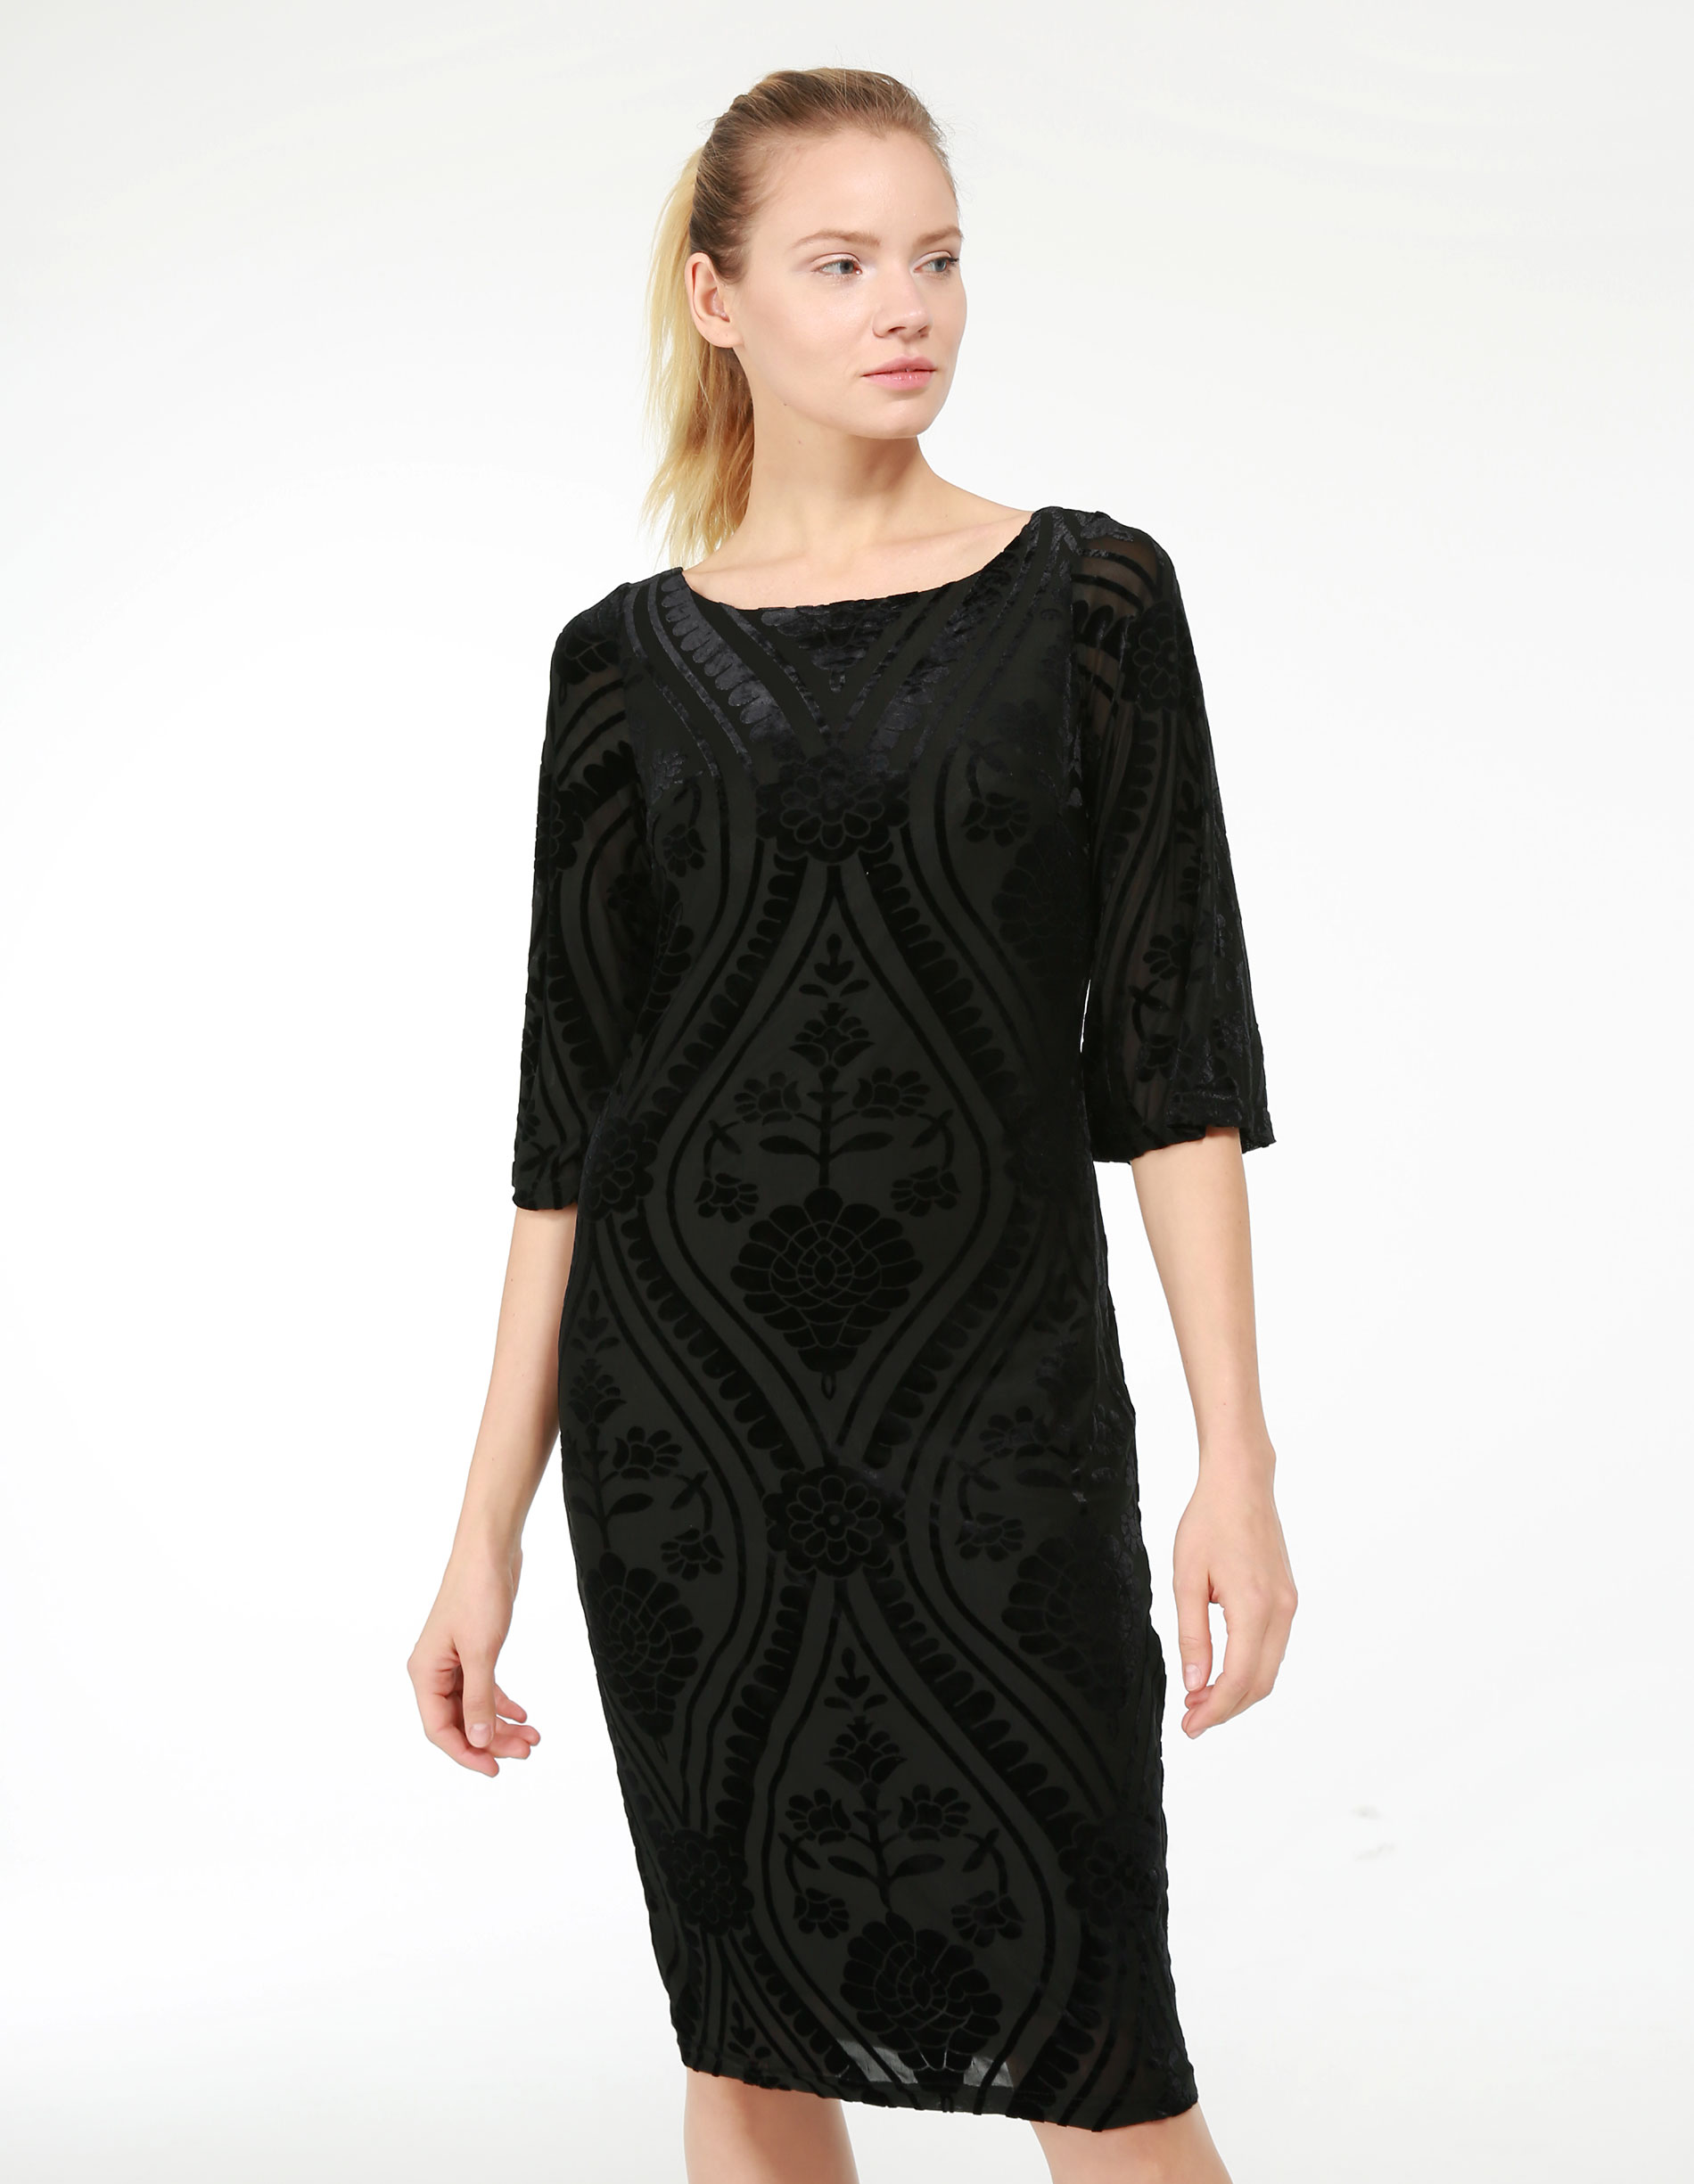 Sukienka - 88-202038 NER - Unisono